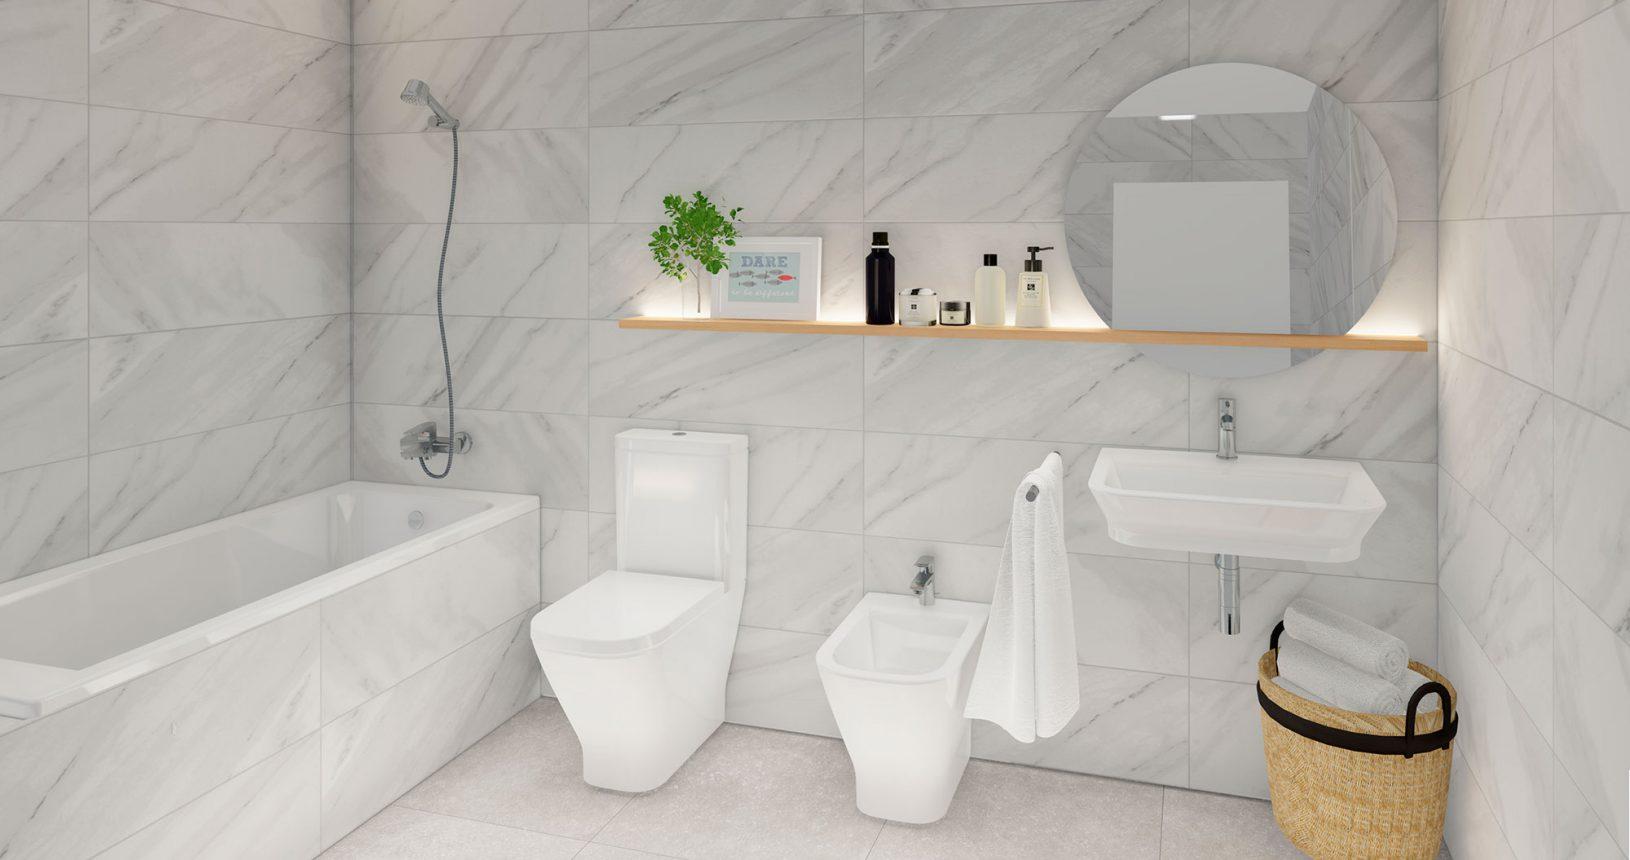 Promoción Paramera Inmobiliaria Ciencasas Paiporta baño secundario